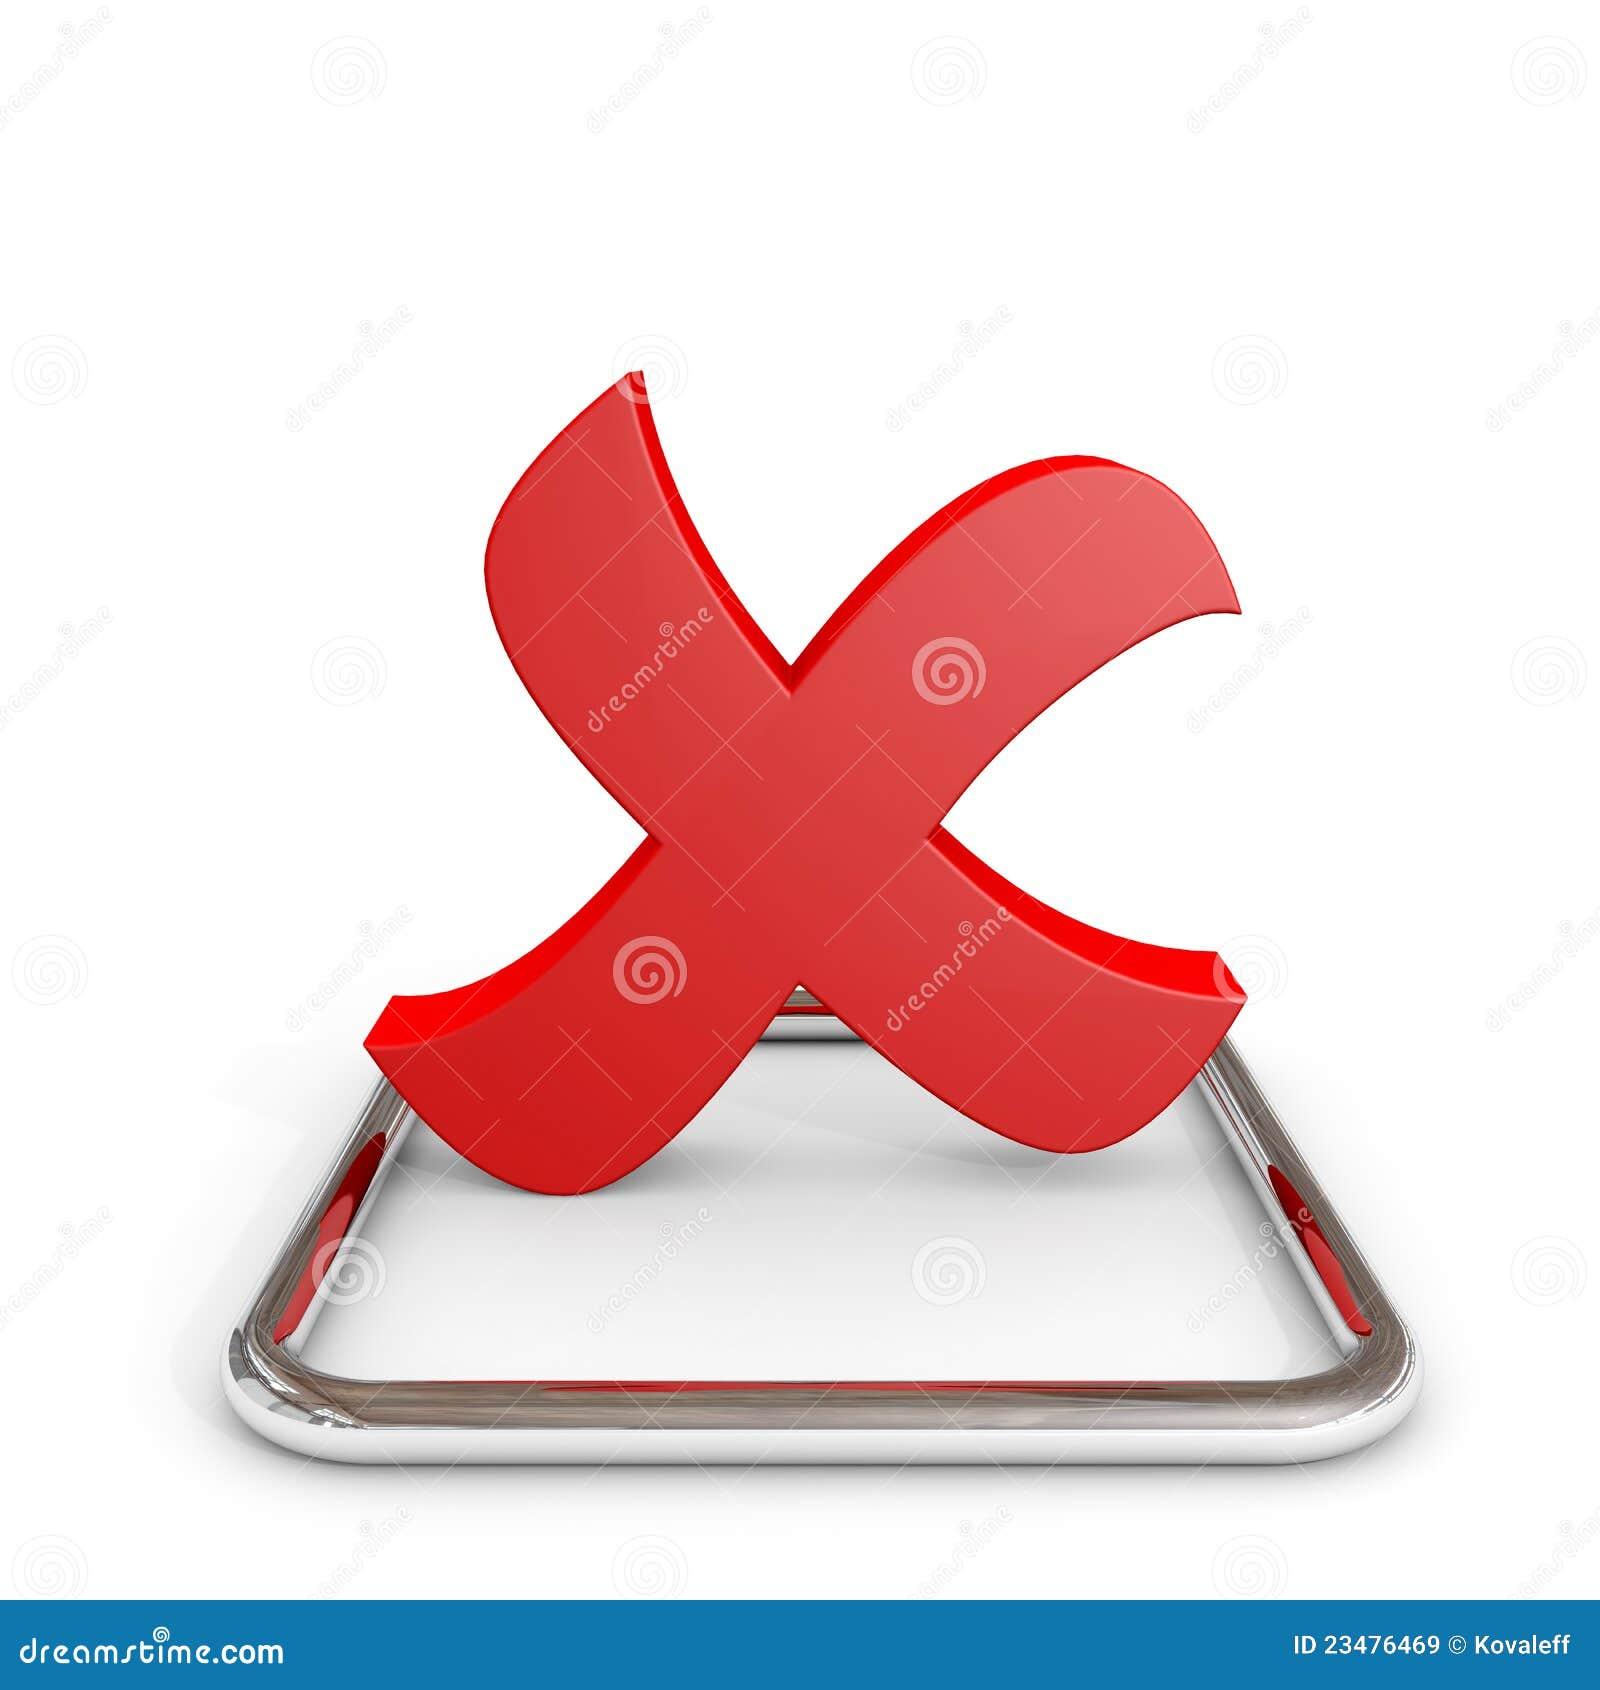 Markierung des roten Kreuzes 3D im Chrom Checkbox.